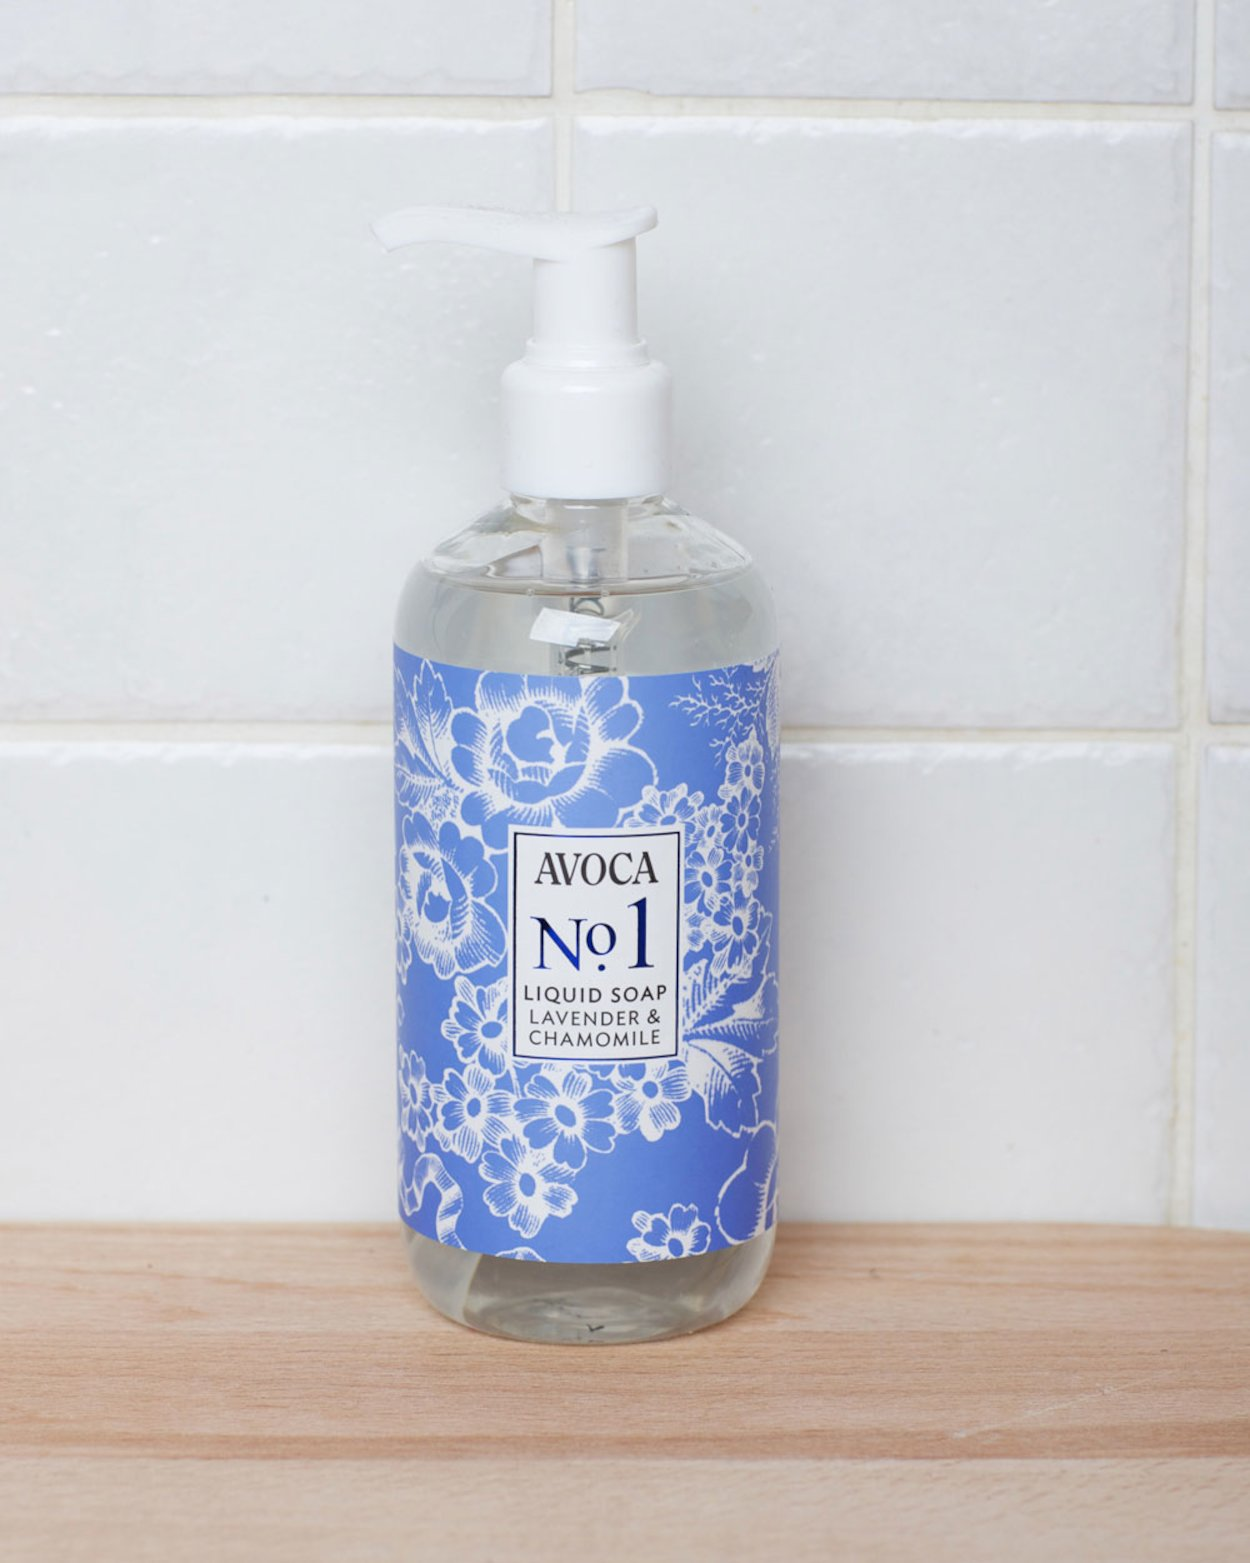 Avoca No 1 Liquid Soap - Lavender & Chamomile